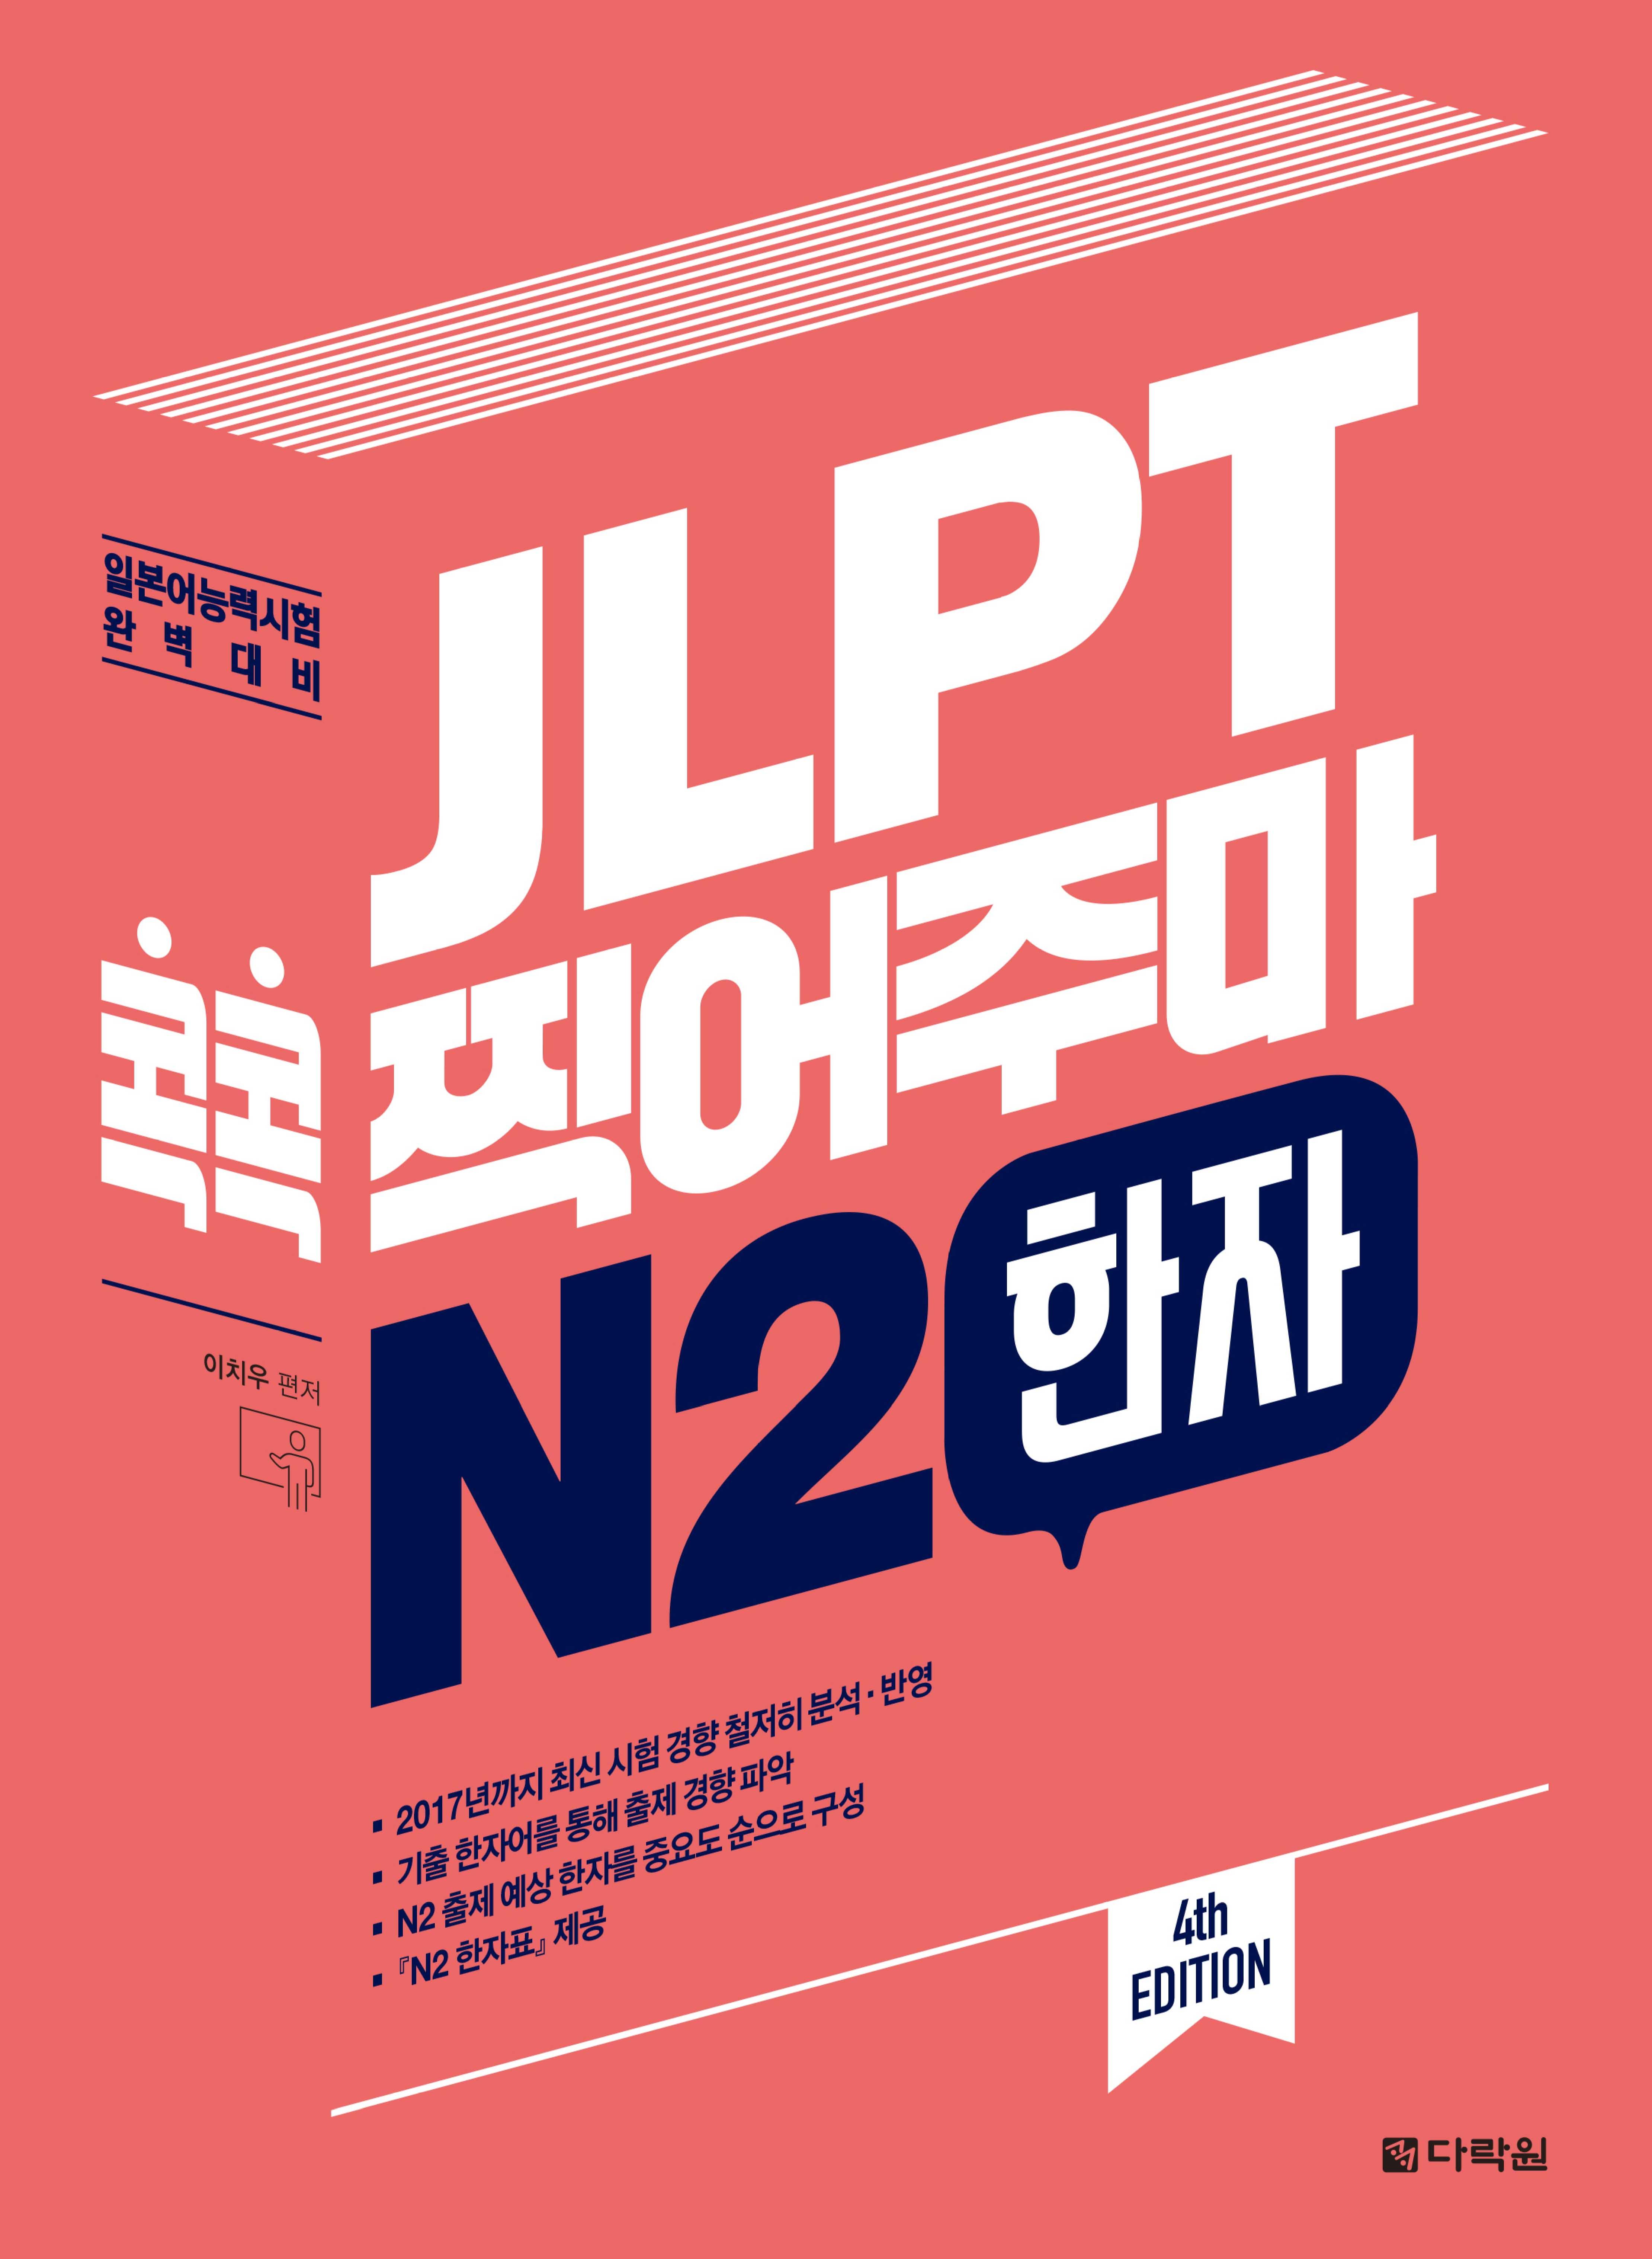 [JLPT 콕콕 찍어주마] (4th EDITION) JLPT 콕콕 찍어주마 N2 한자